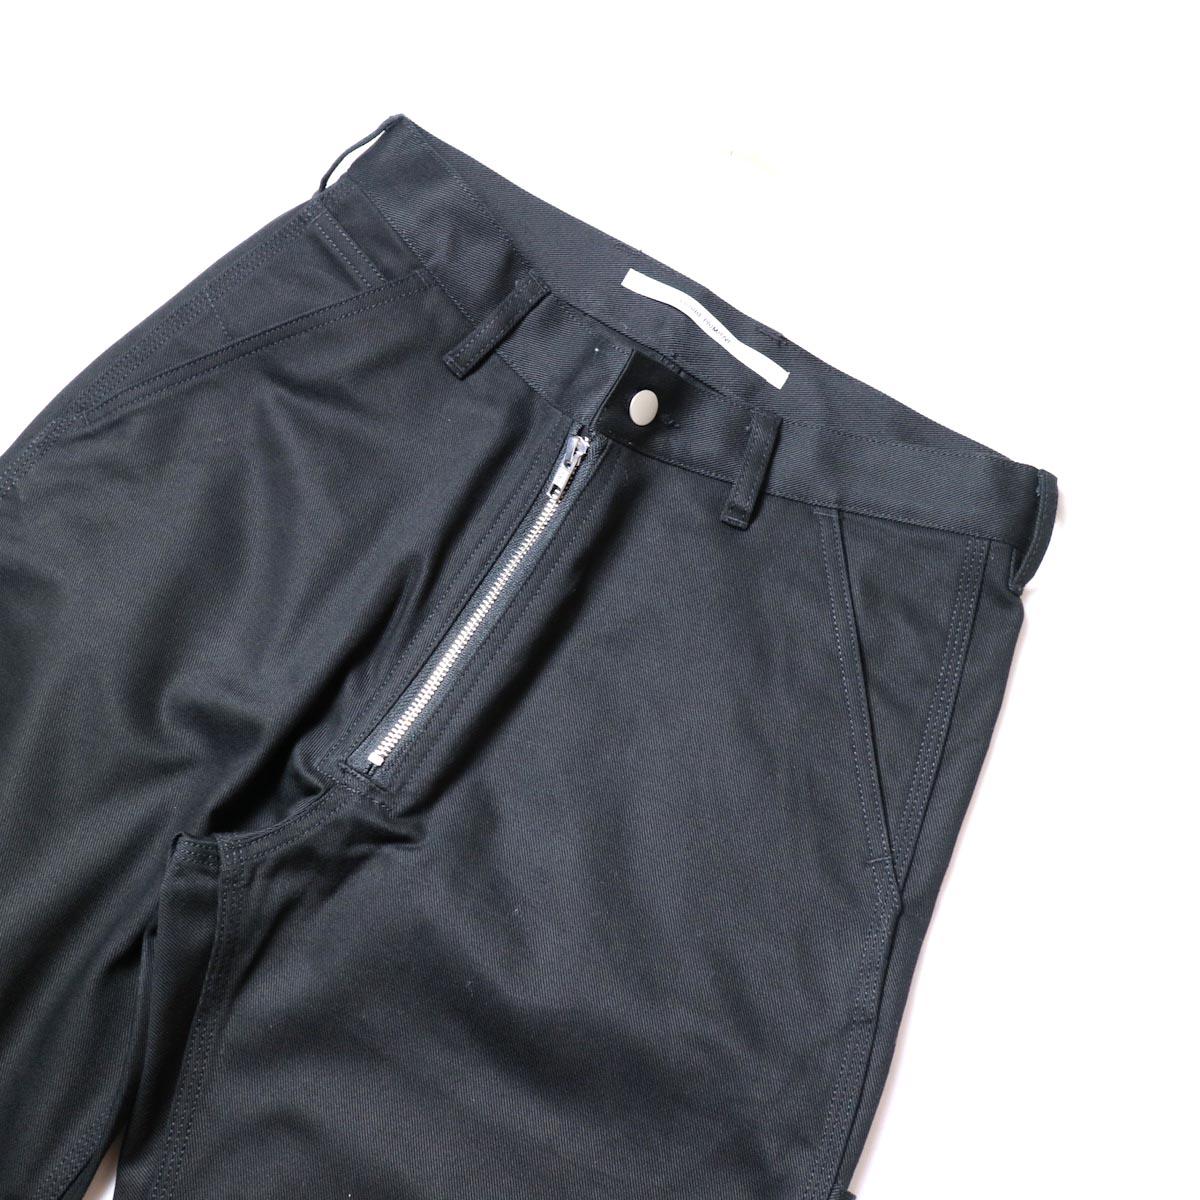 FUTURE PRIMITIVE / FP FZ PAINTER PANTS (Black)ZIP